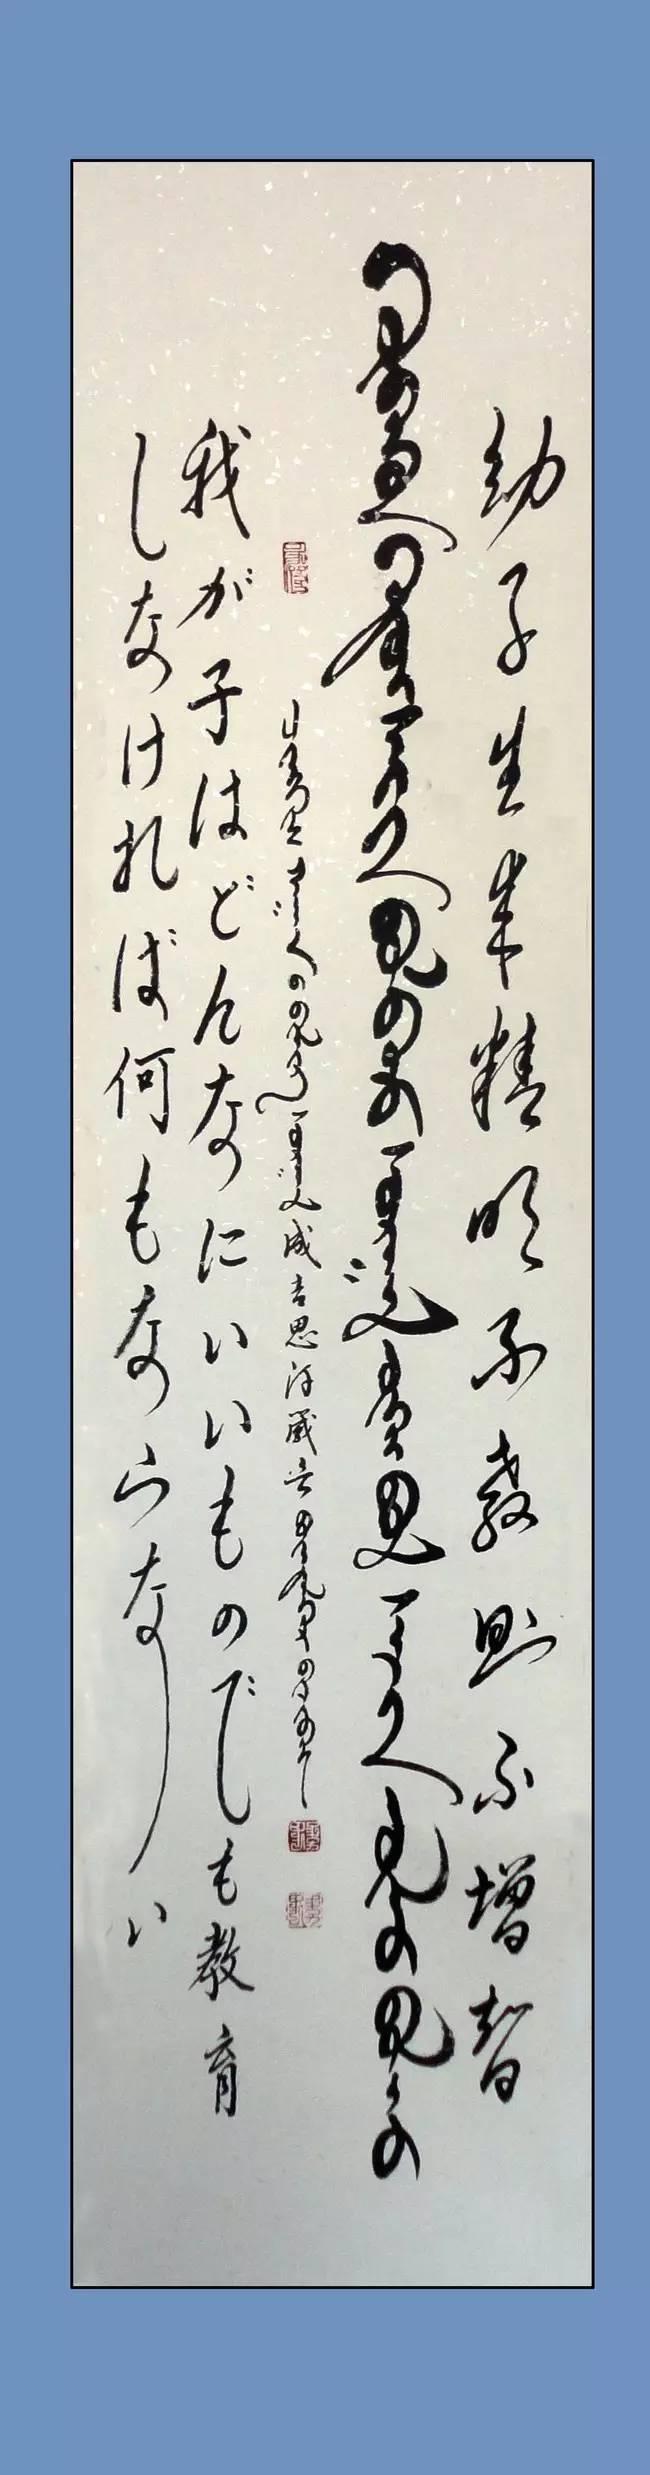 【纪实】蒙古书法的追寻着 —— 宝音德力格尔 第15张